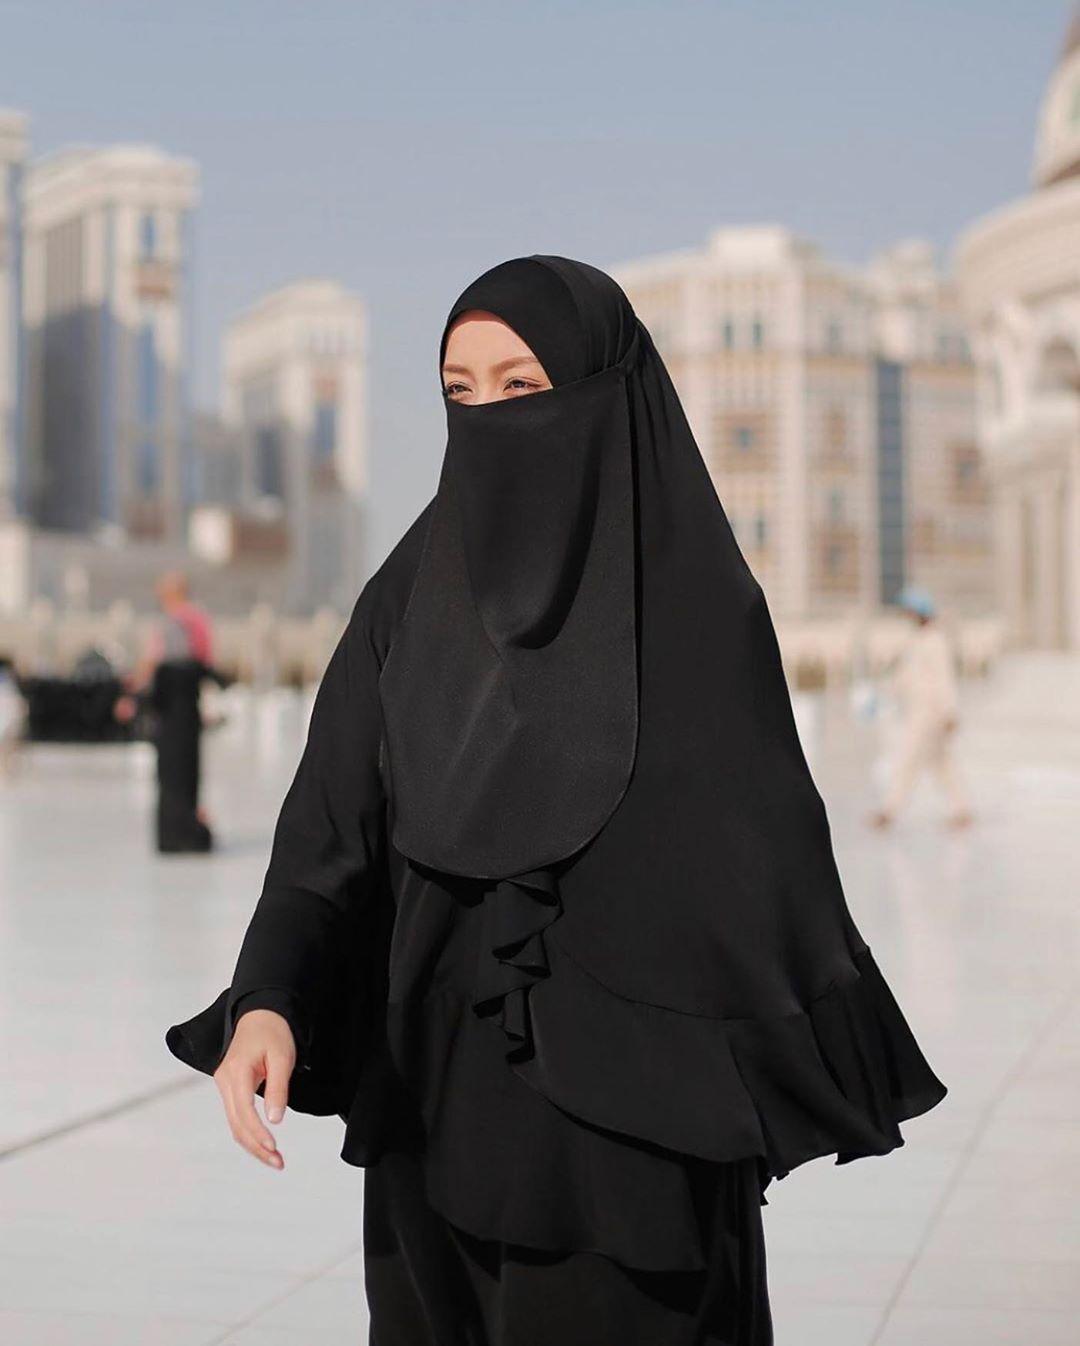 Rosshairaa Official Di Instagram Menegur Cara Sunnah Adalah Menegur Dengan Cara Berhikmah Hikmah Bukan Bermaksud B Wanita Model Pakaian Hijab Model Pakaian